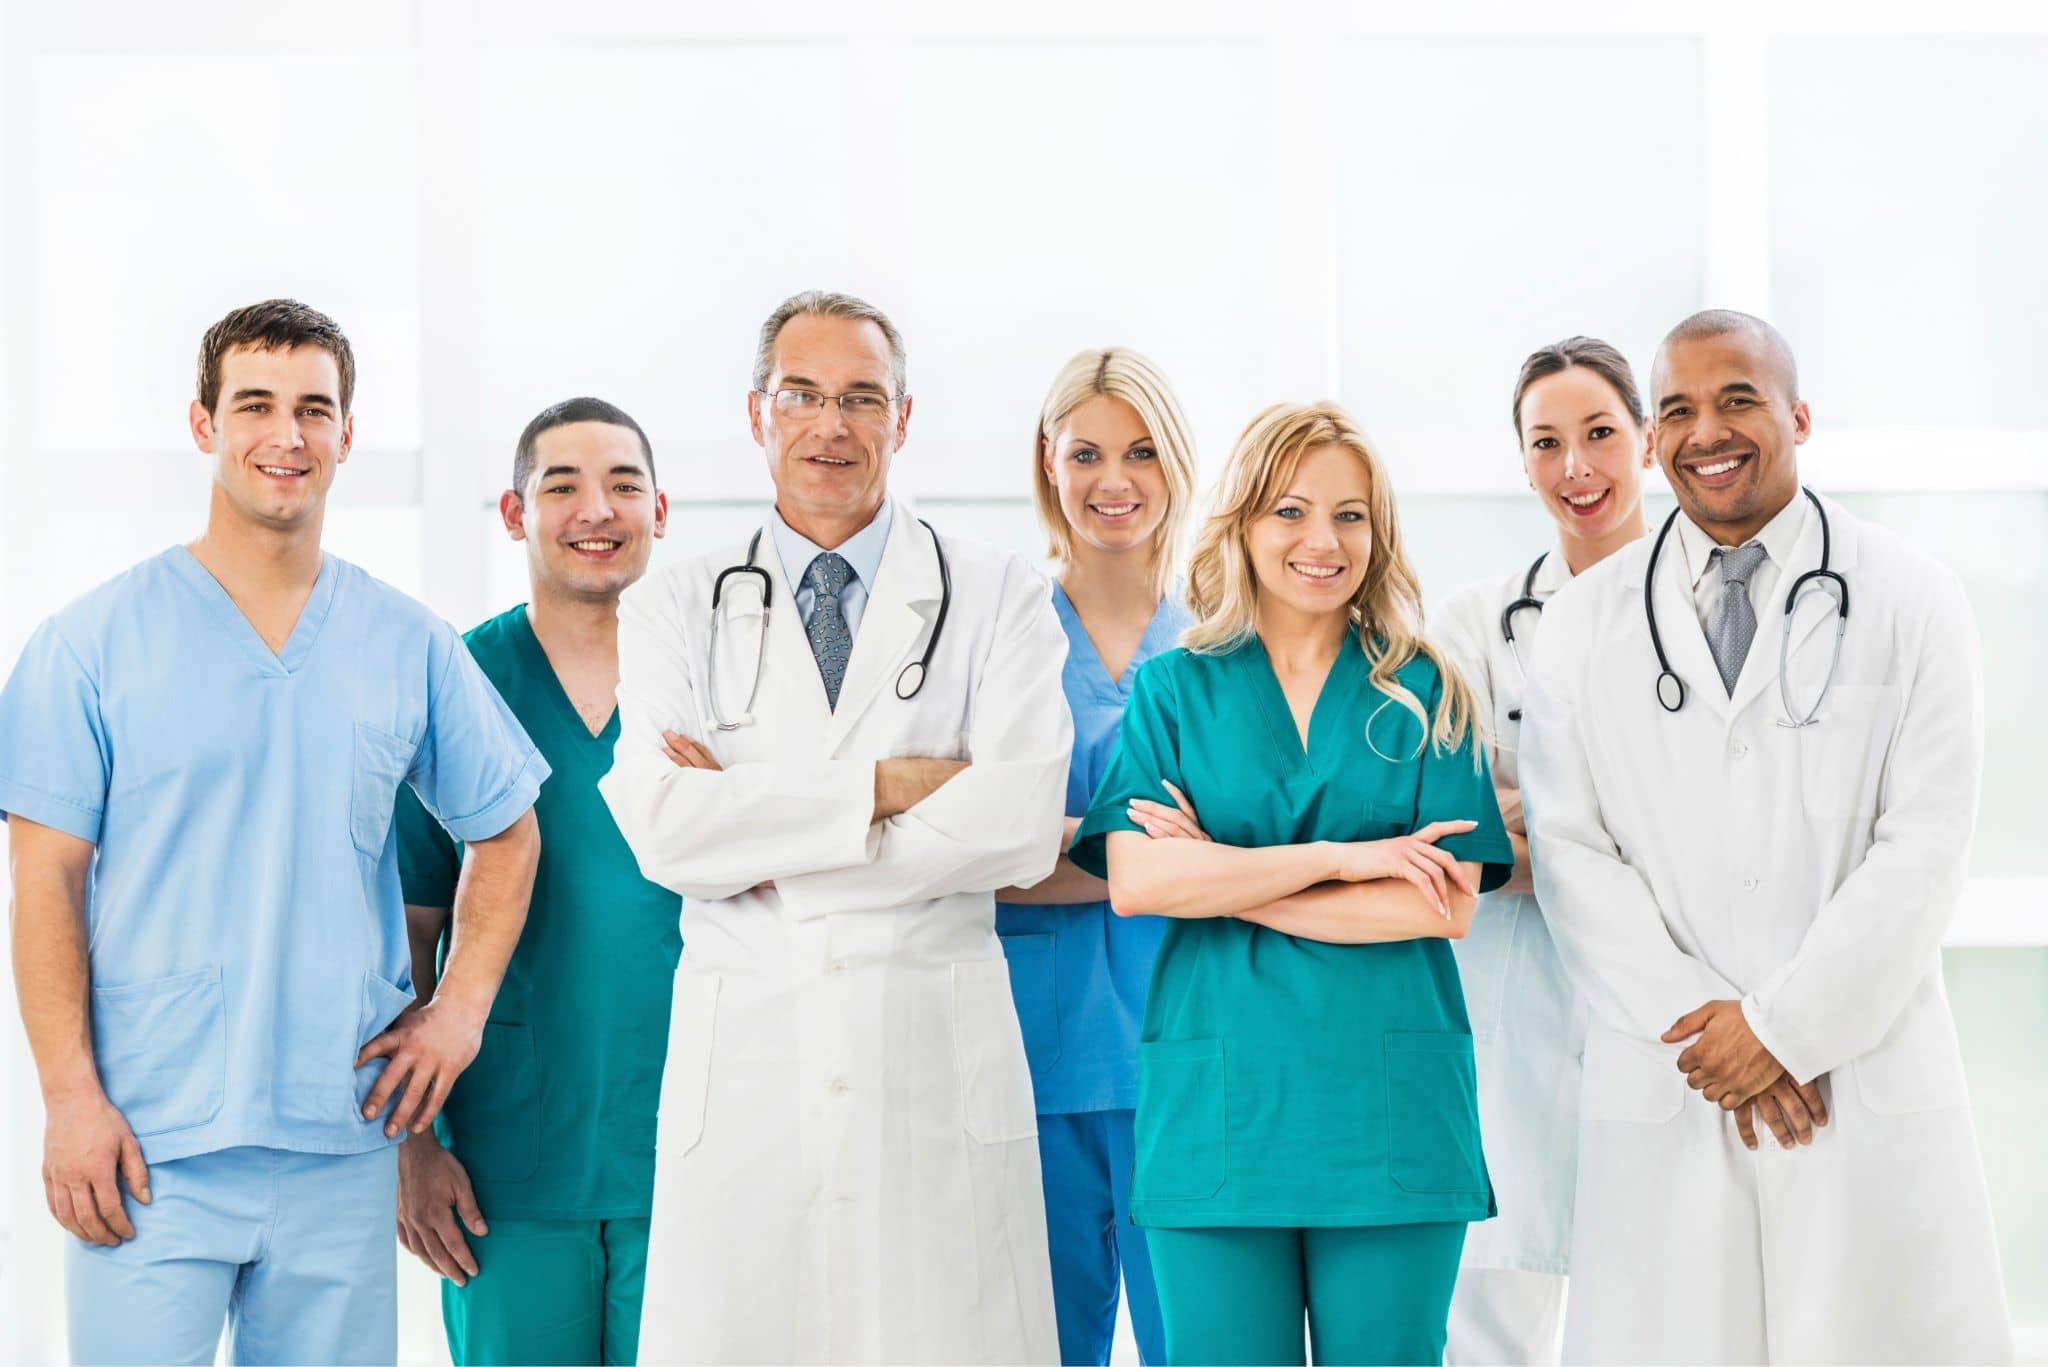 Powinni lekarze umawiać się z pacjentami